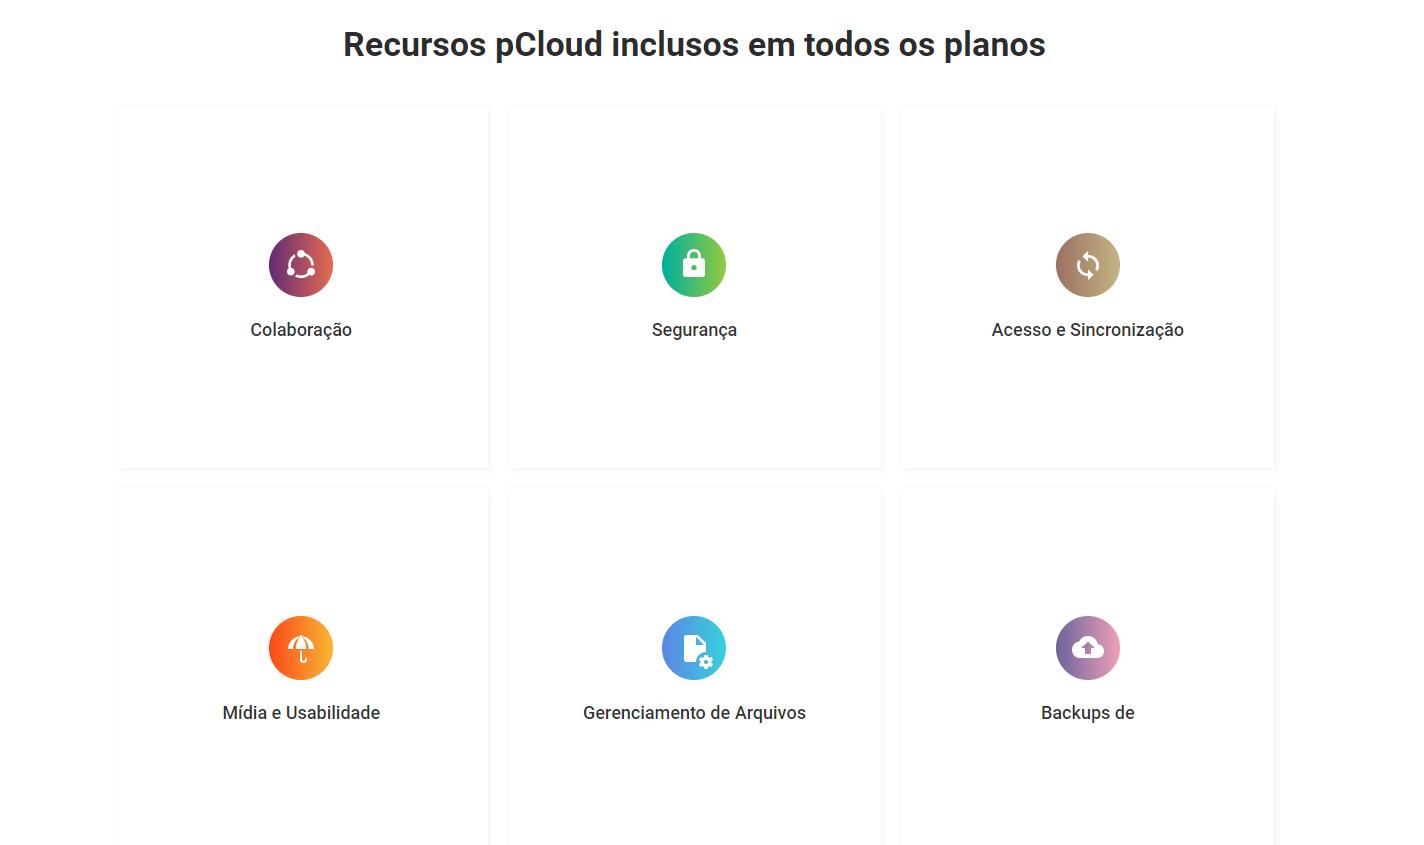 Pcloud, uma alternativa ao google drive e ao dropbox. Contando com uma ótima promoção para o primeiro mês, o pcloud é uma ótima alternativa para o google drive e ao dropbox